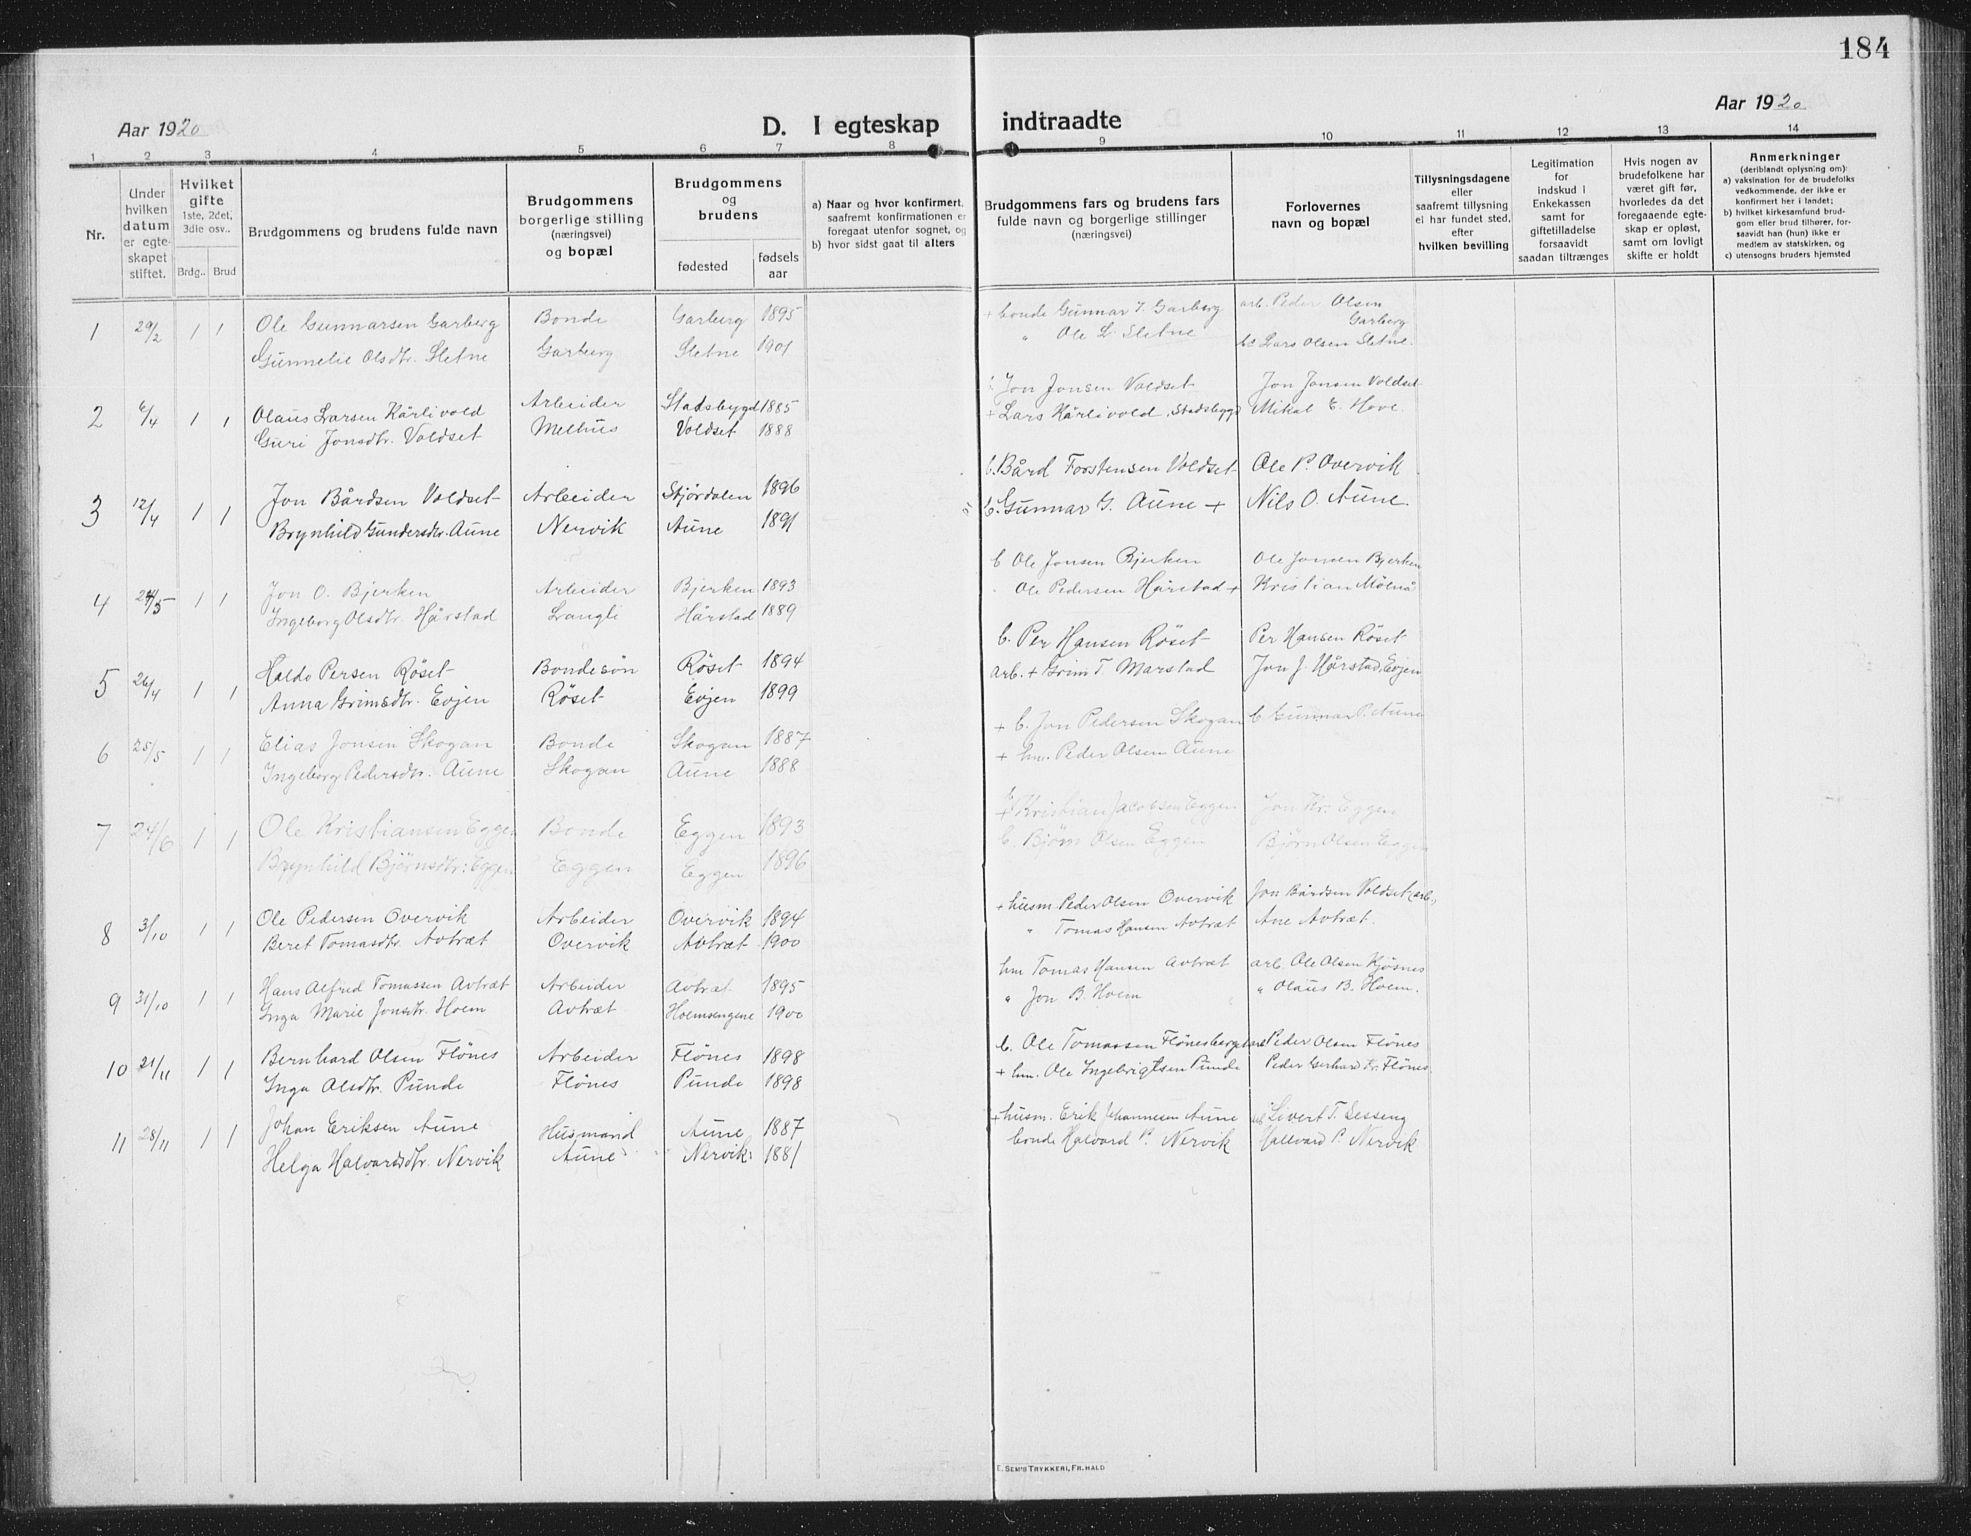 SAT, Ministerialprotokoller, klokkerbøker og fødselsregistre - Sør-Trøndelag, 695/L1158: Klokkerbok nr. 695C09, 1913-1940, s. 184